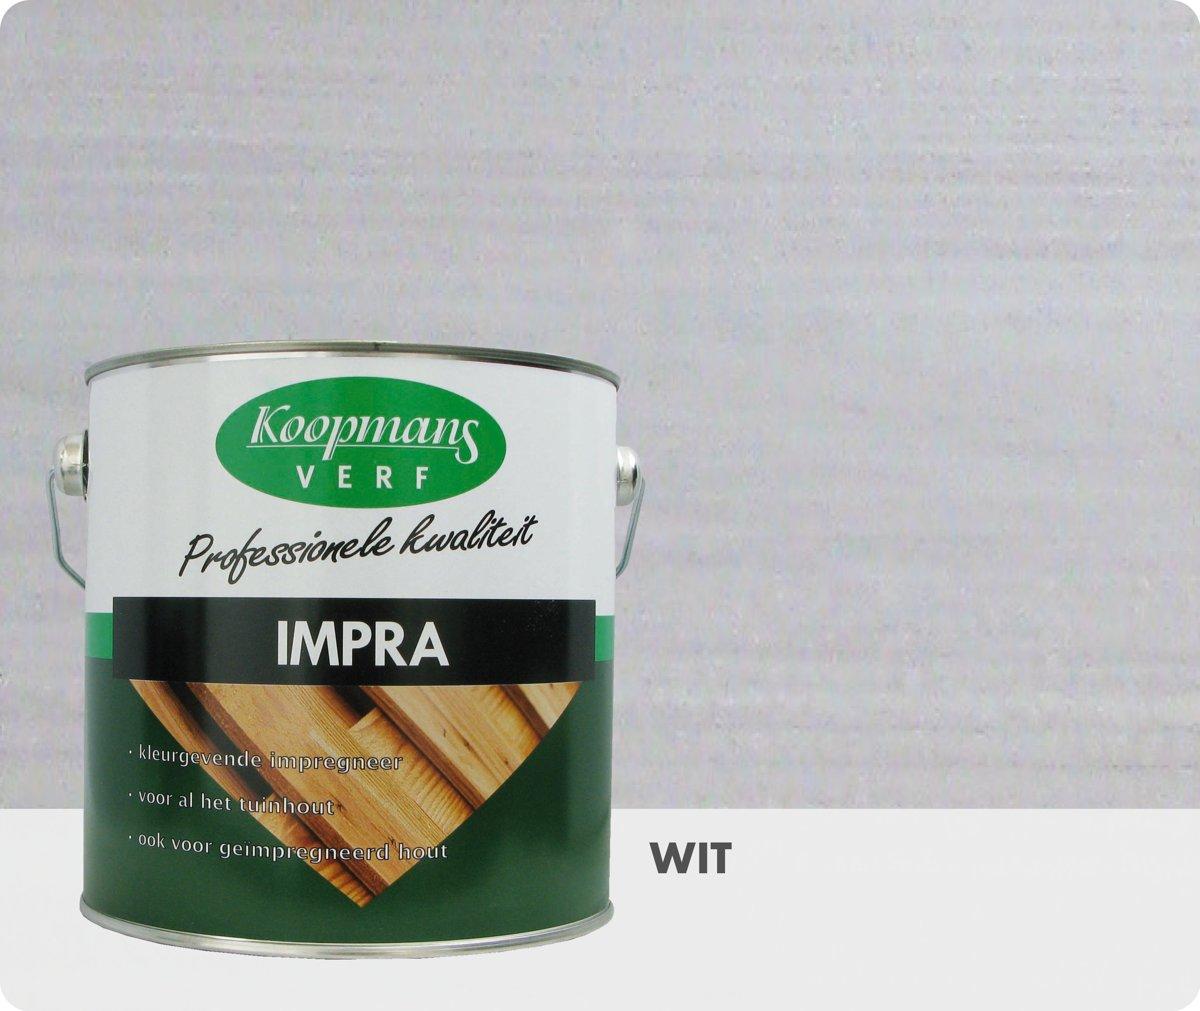 Koopmans Impra - Transparant - 2,5 liter - Wit